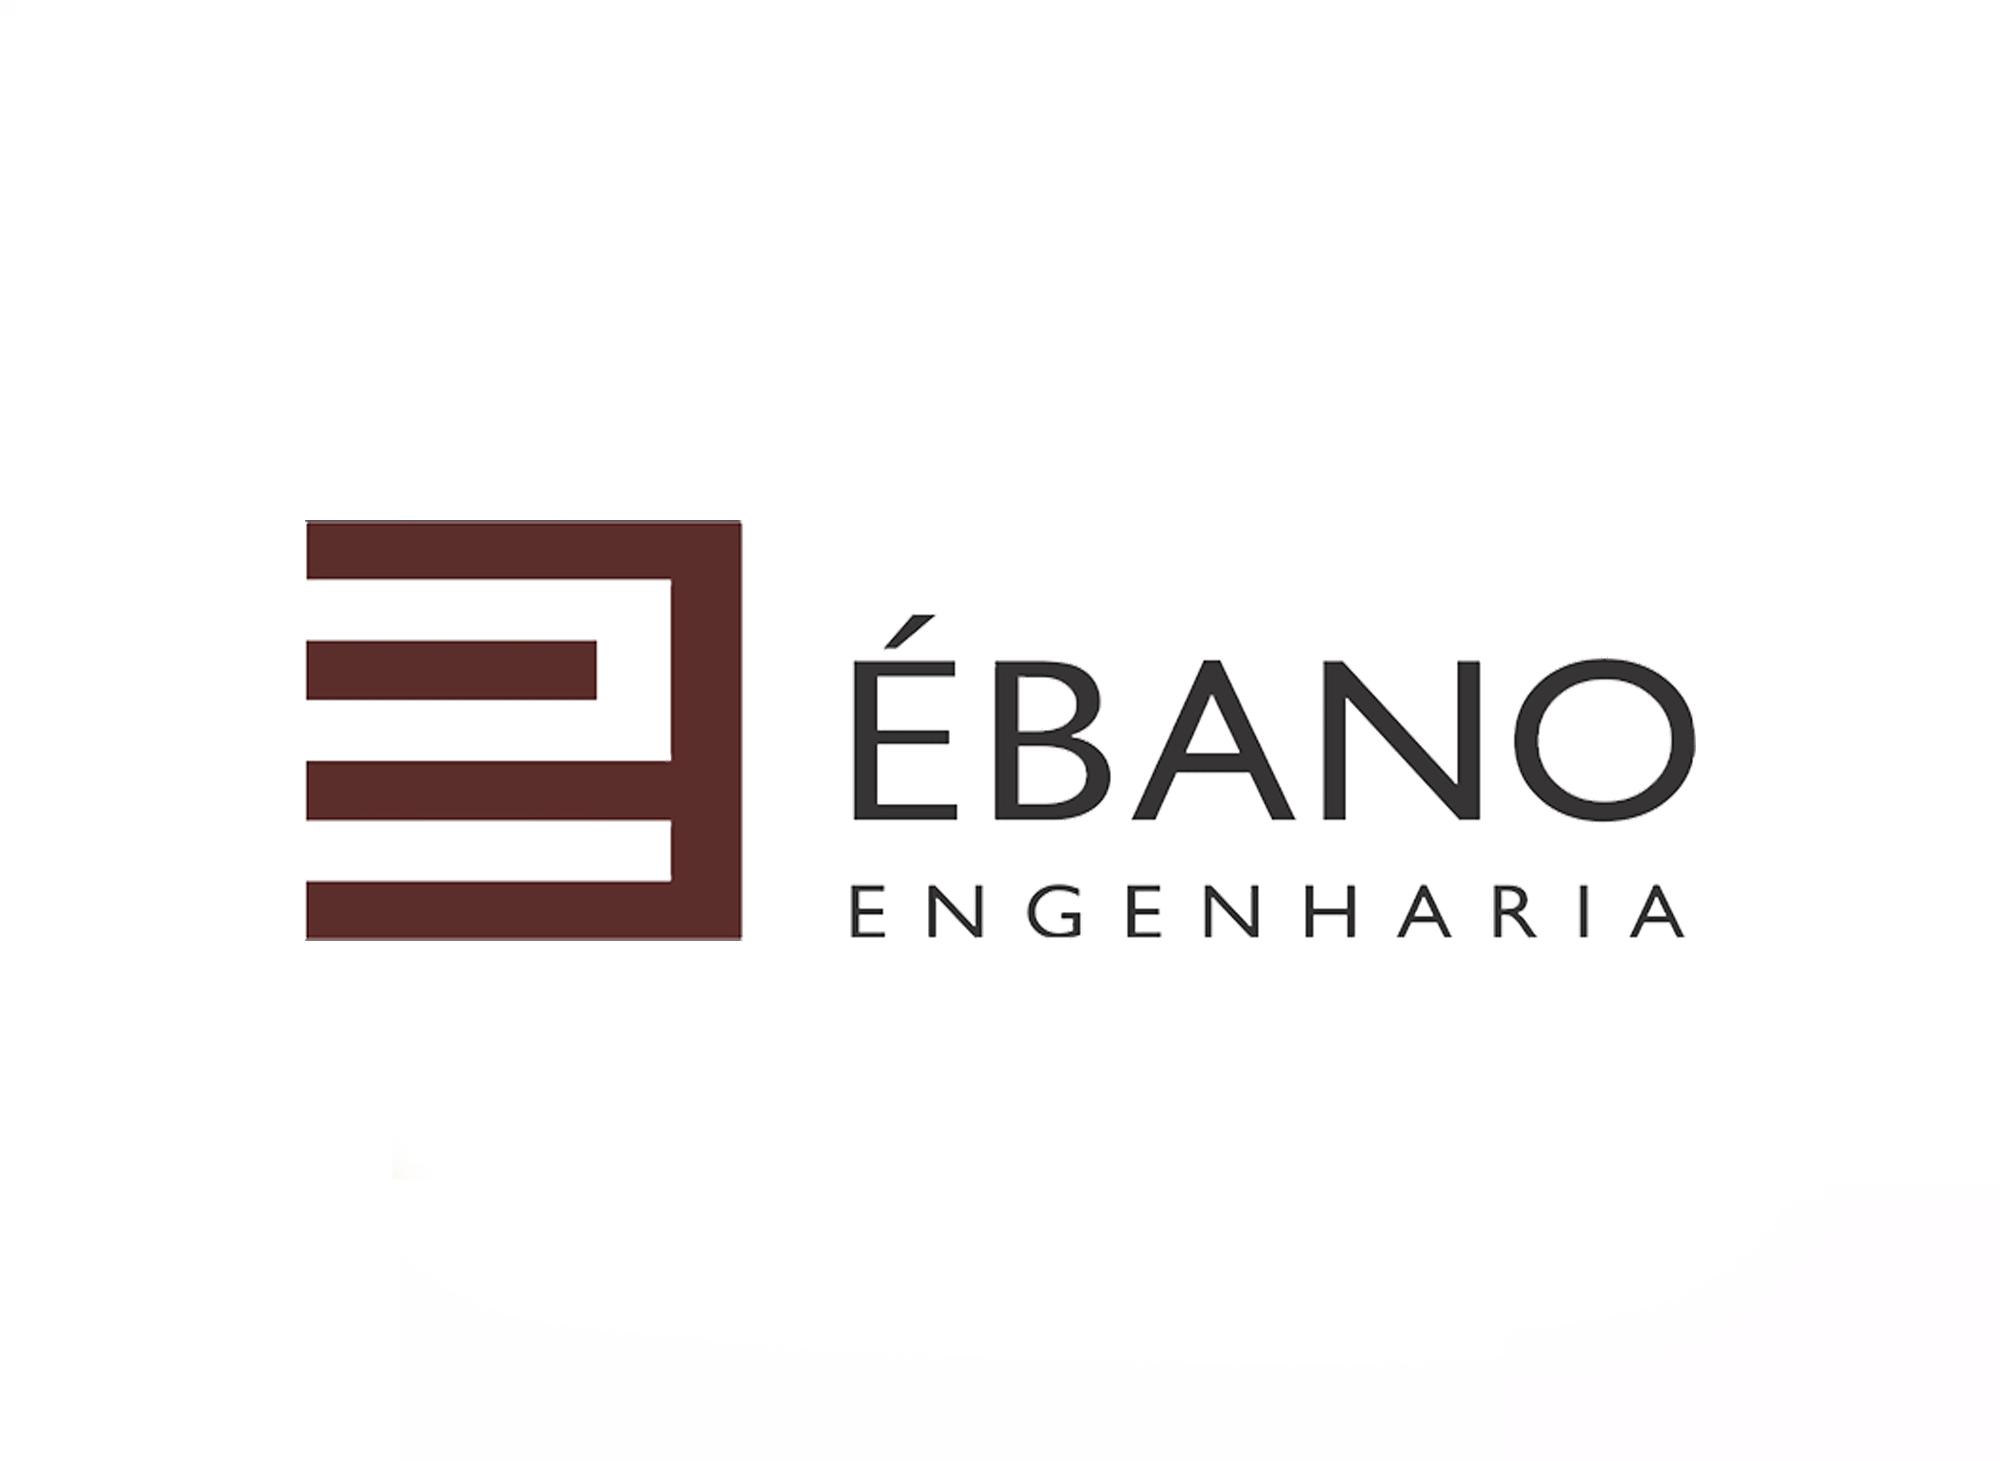 ebano-engenharia-cliente-agencia-diretriz-digital-marketing-fortaleza